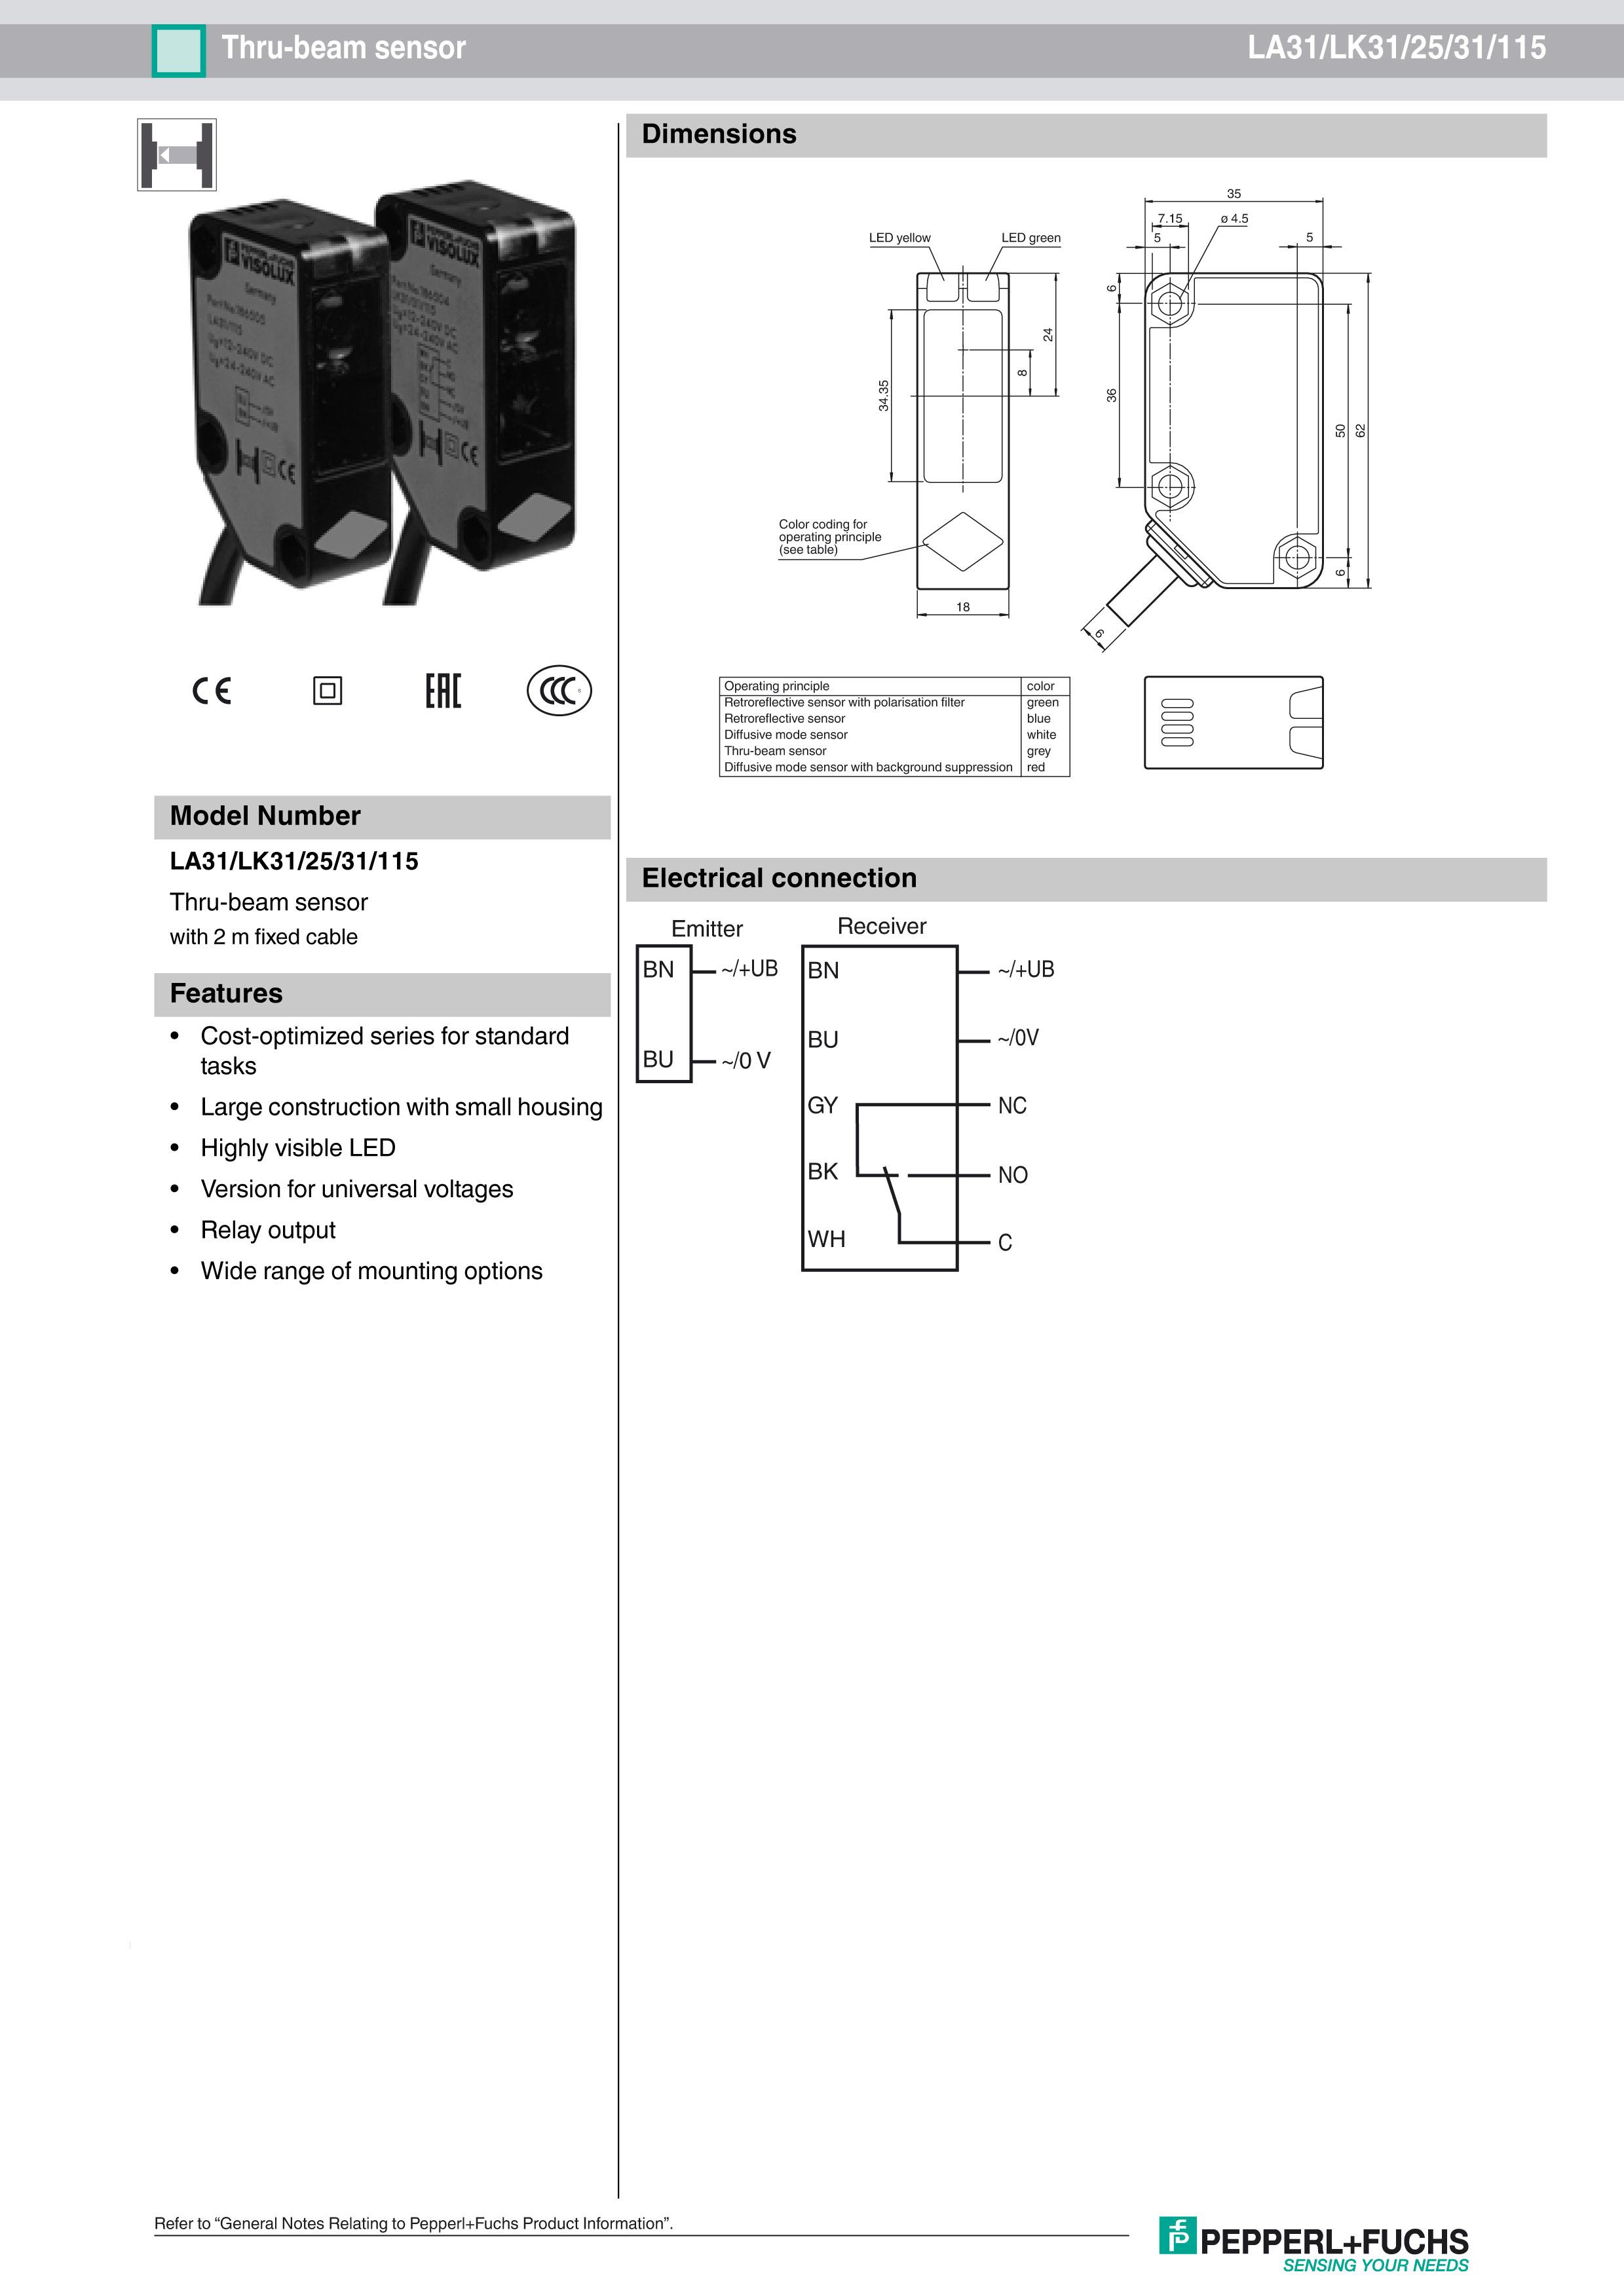 倍加福LA31-LK31-25-31-115光电传感器